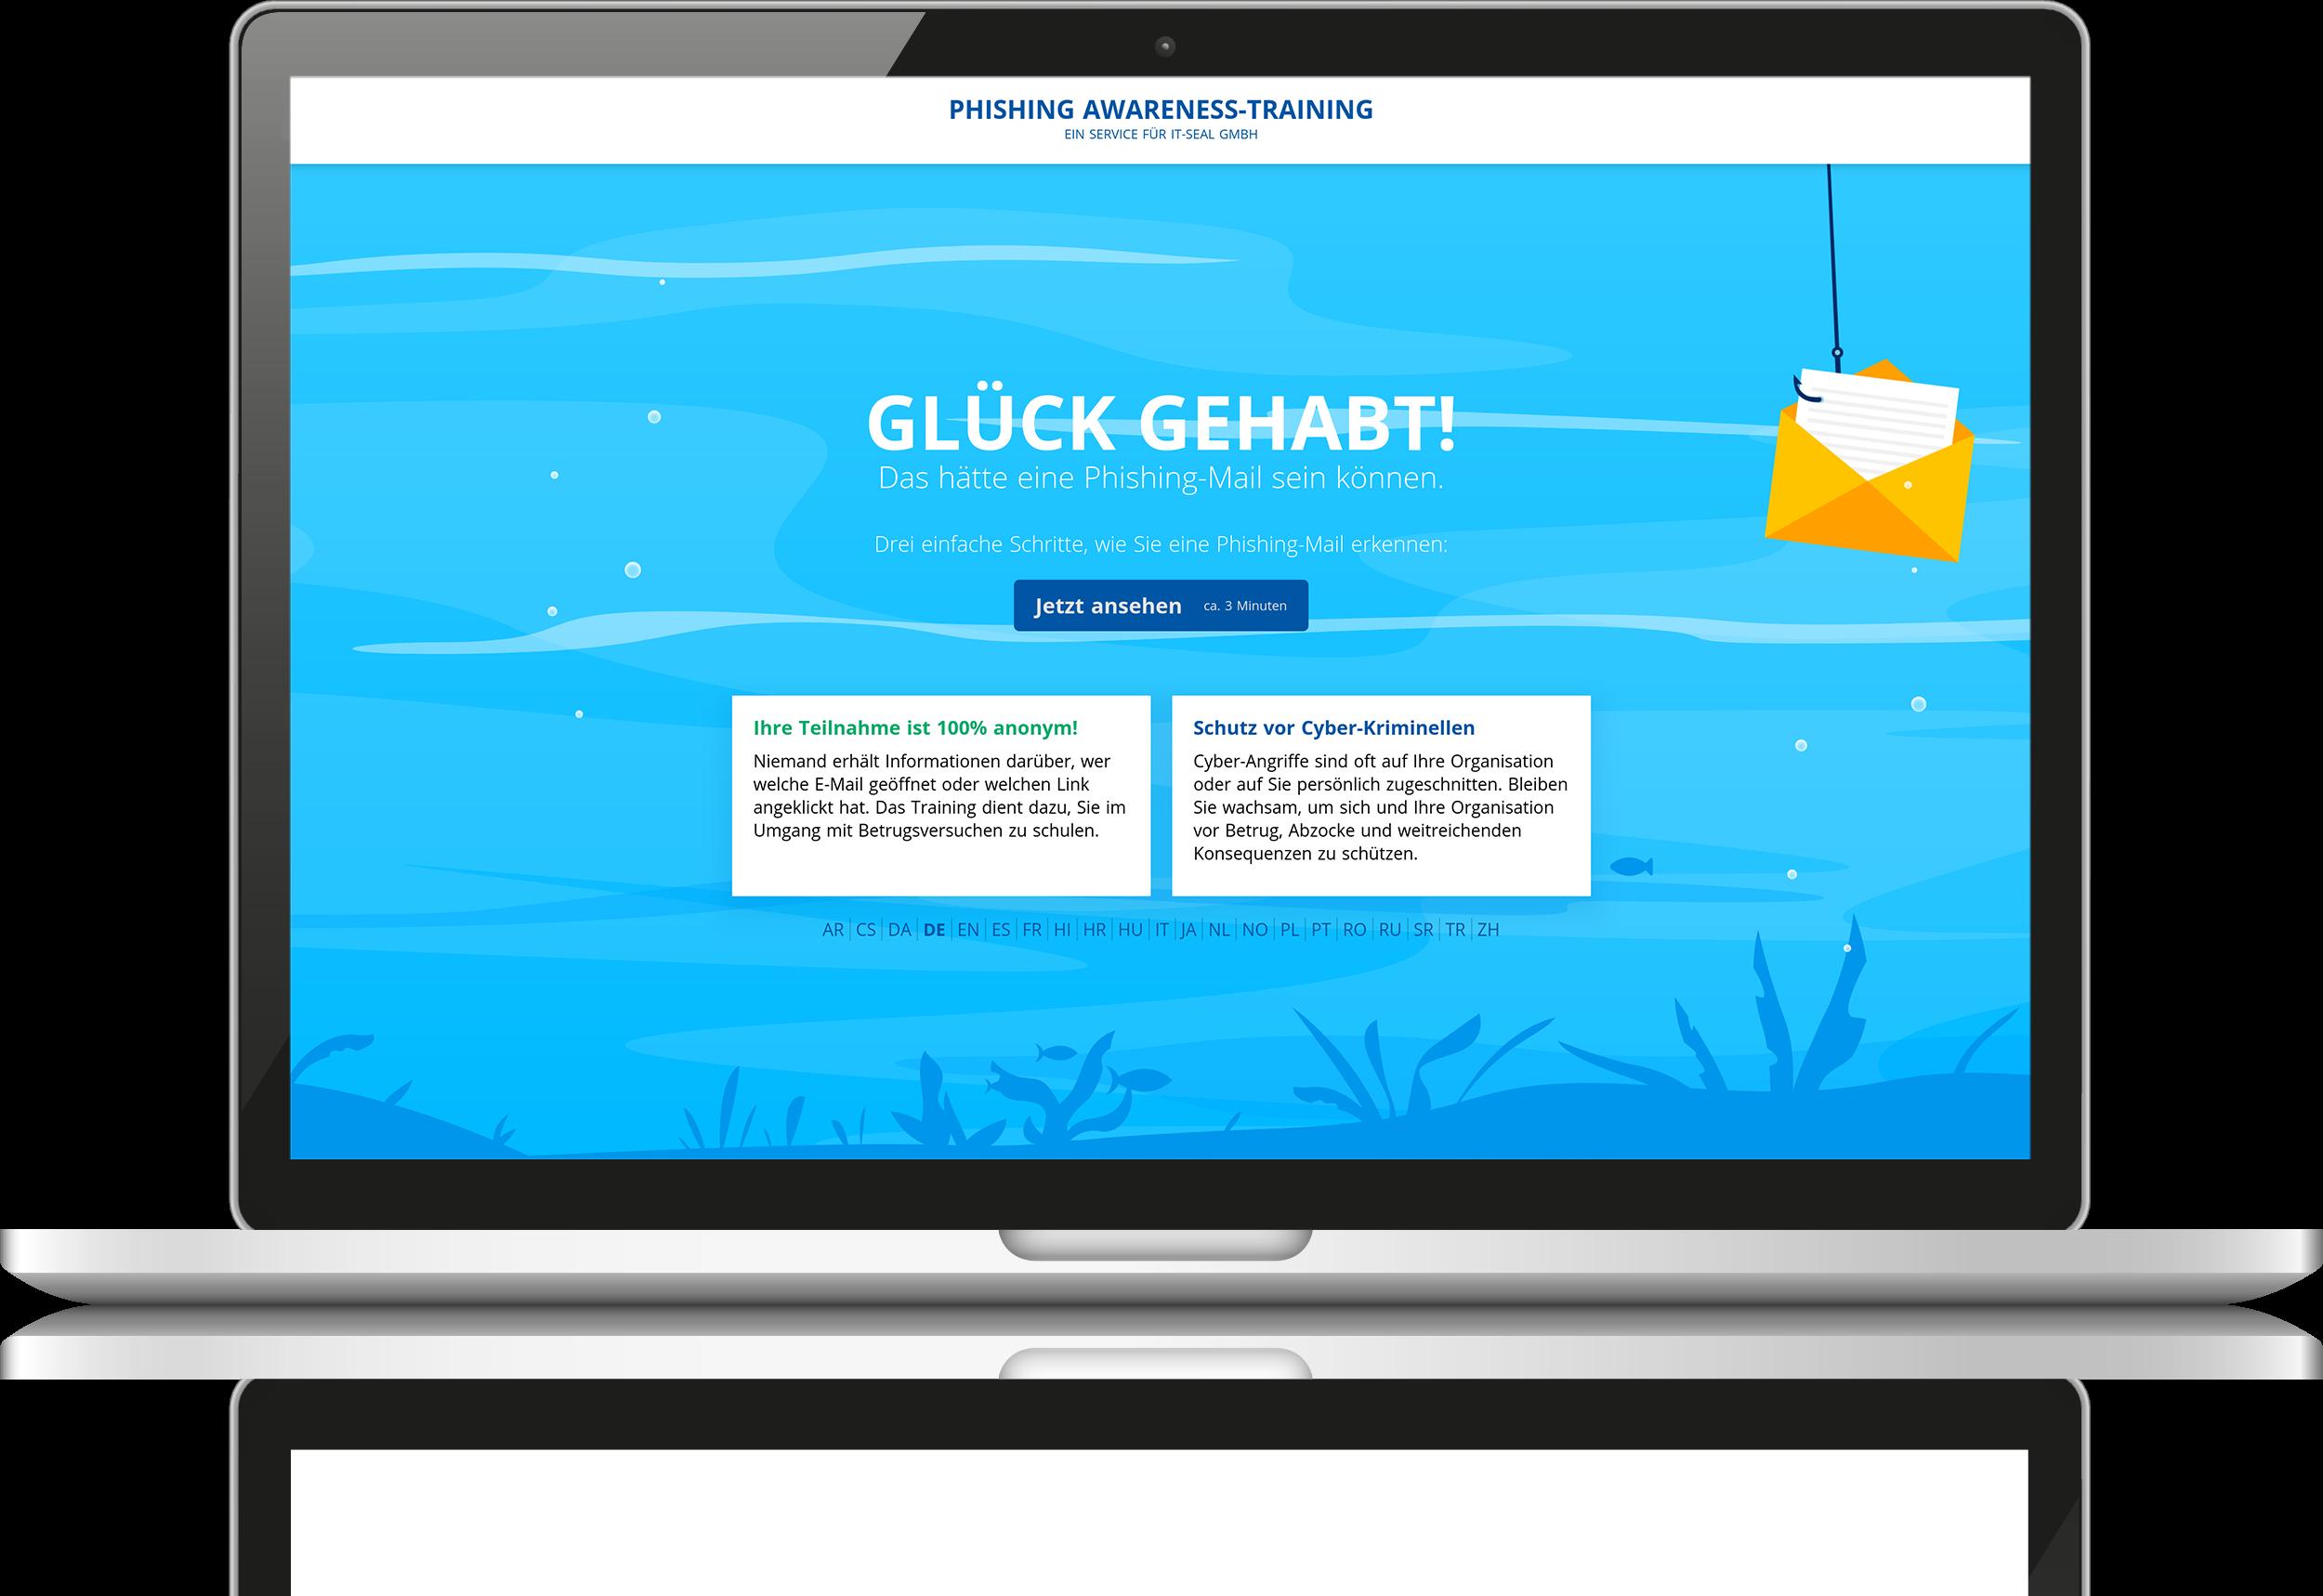 Most-Teachable-Moment nach Klick auf eine simulierte Phishing-Mail